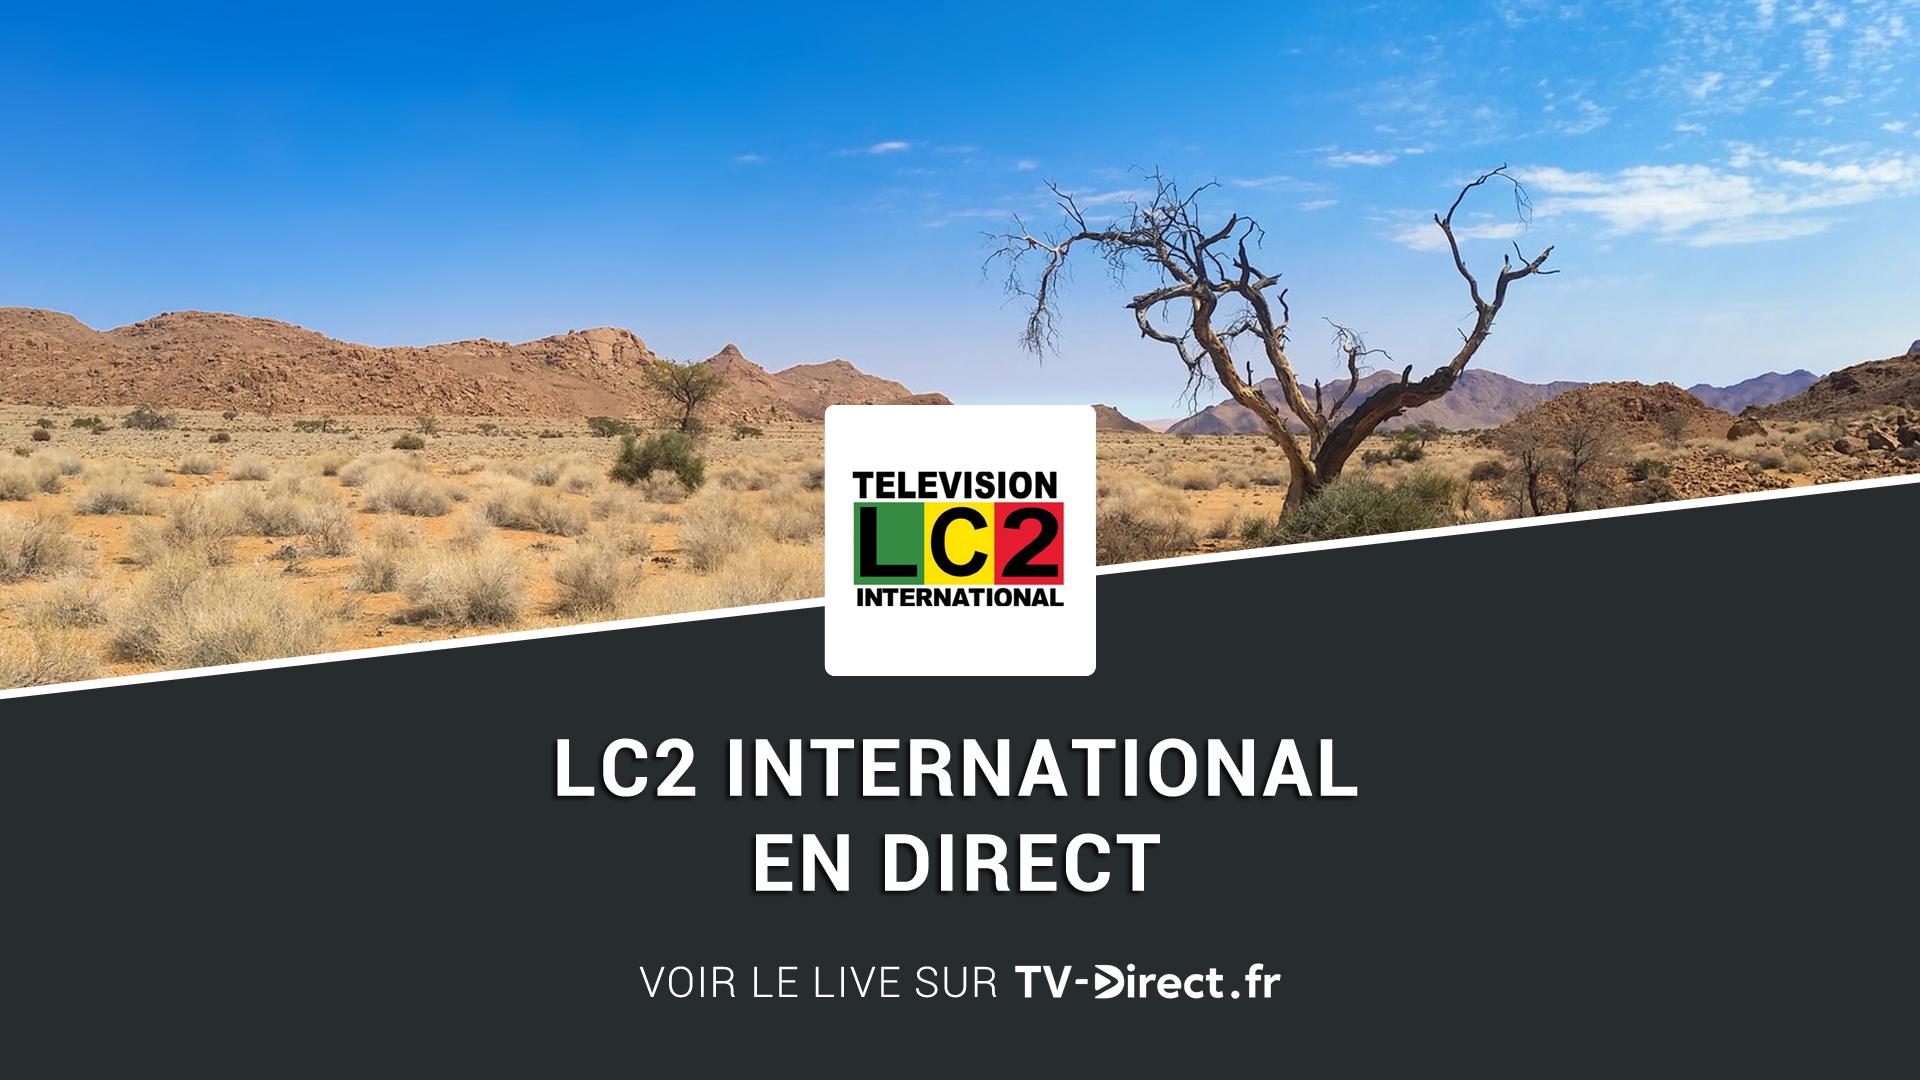 Lc2 international direct regarder le live sur internet - Regarder la coupe d afrique en direct ...